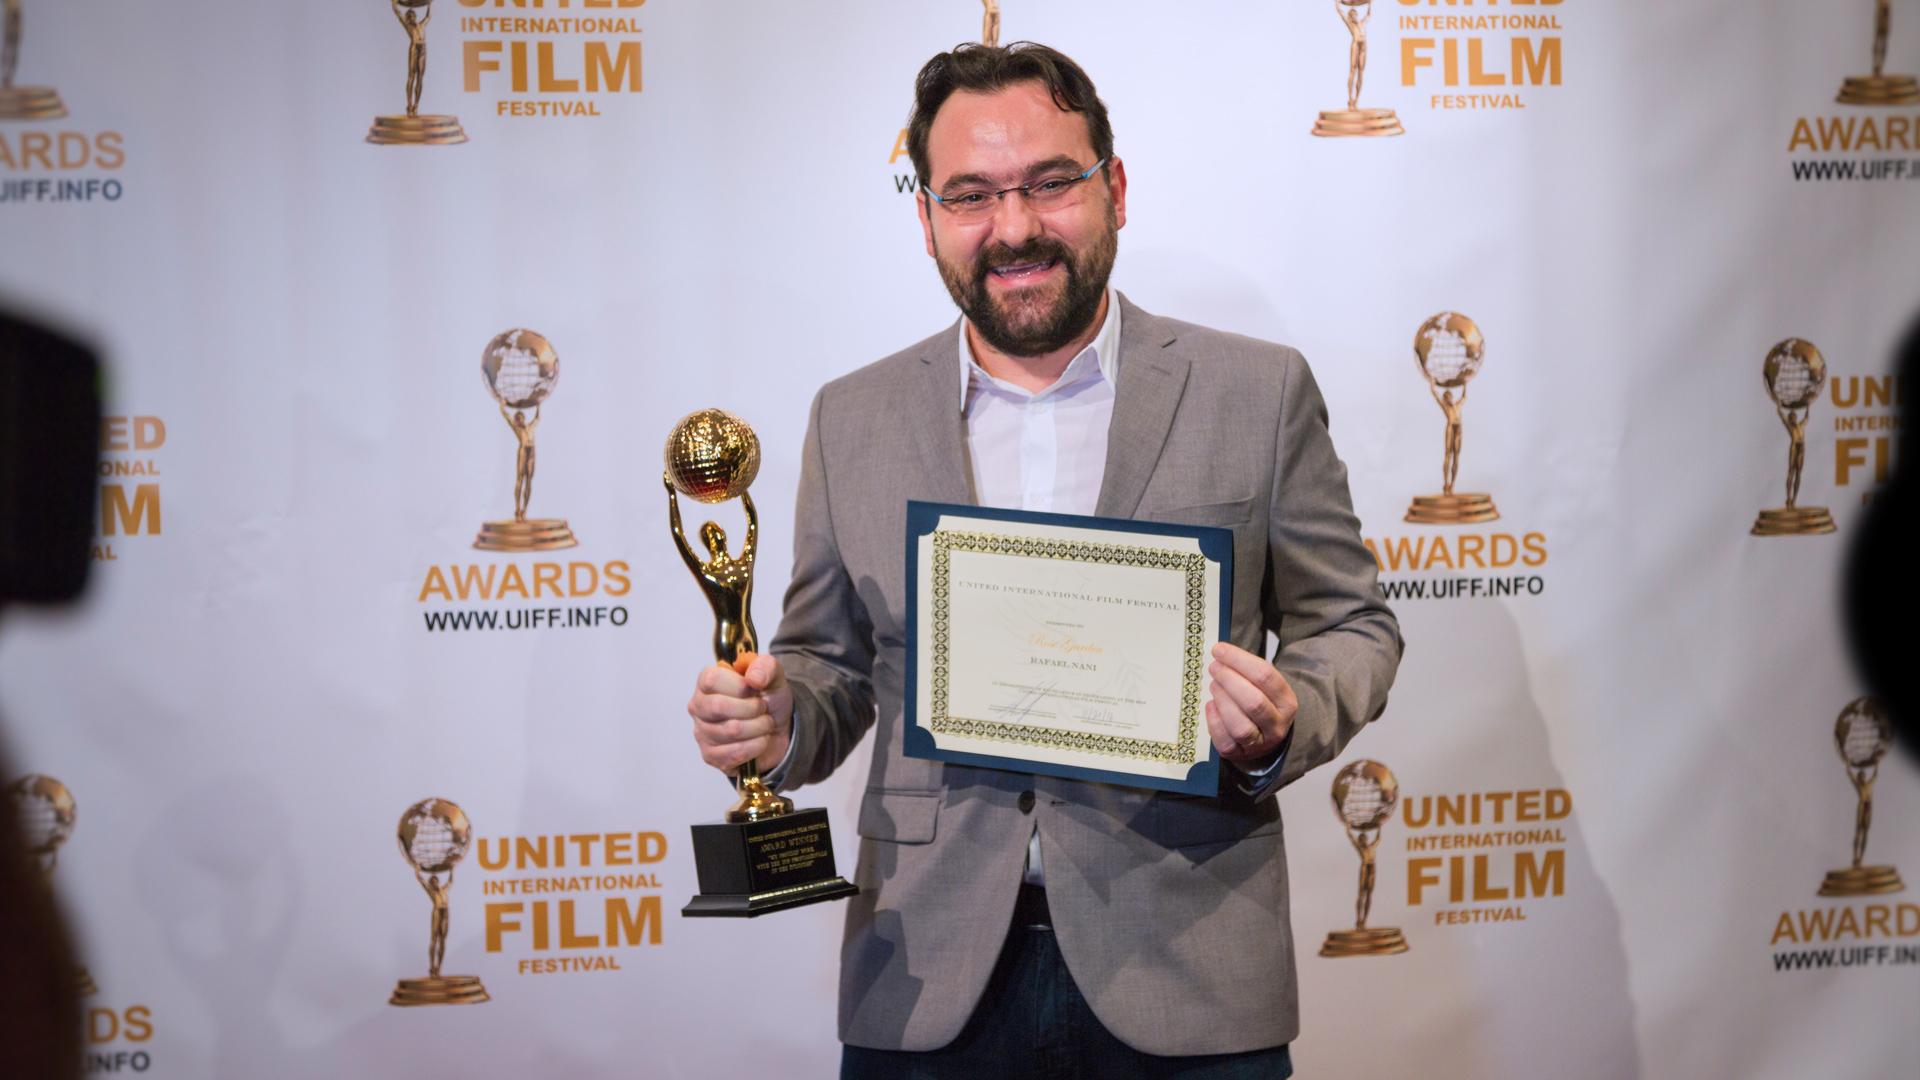 United Intl Film Festival